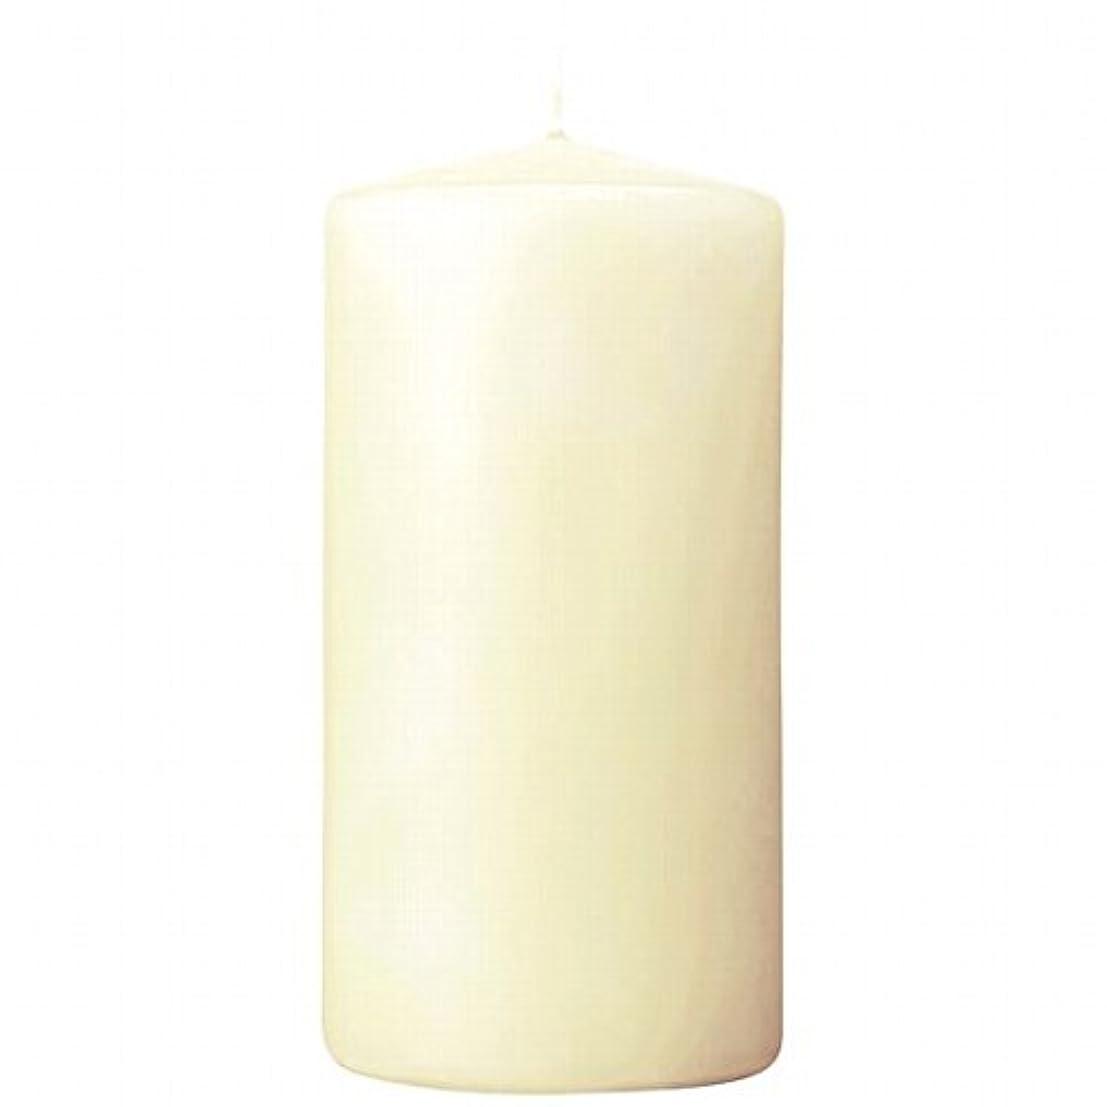 カメヤマキャンドル(kameyama candle) 3×6ベルトップピラーキャンドル 「 アイボリー 」